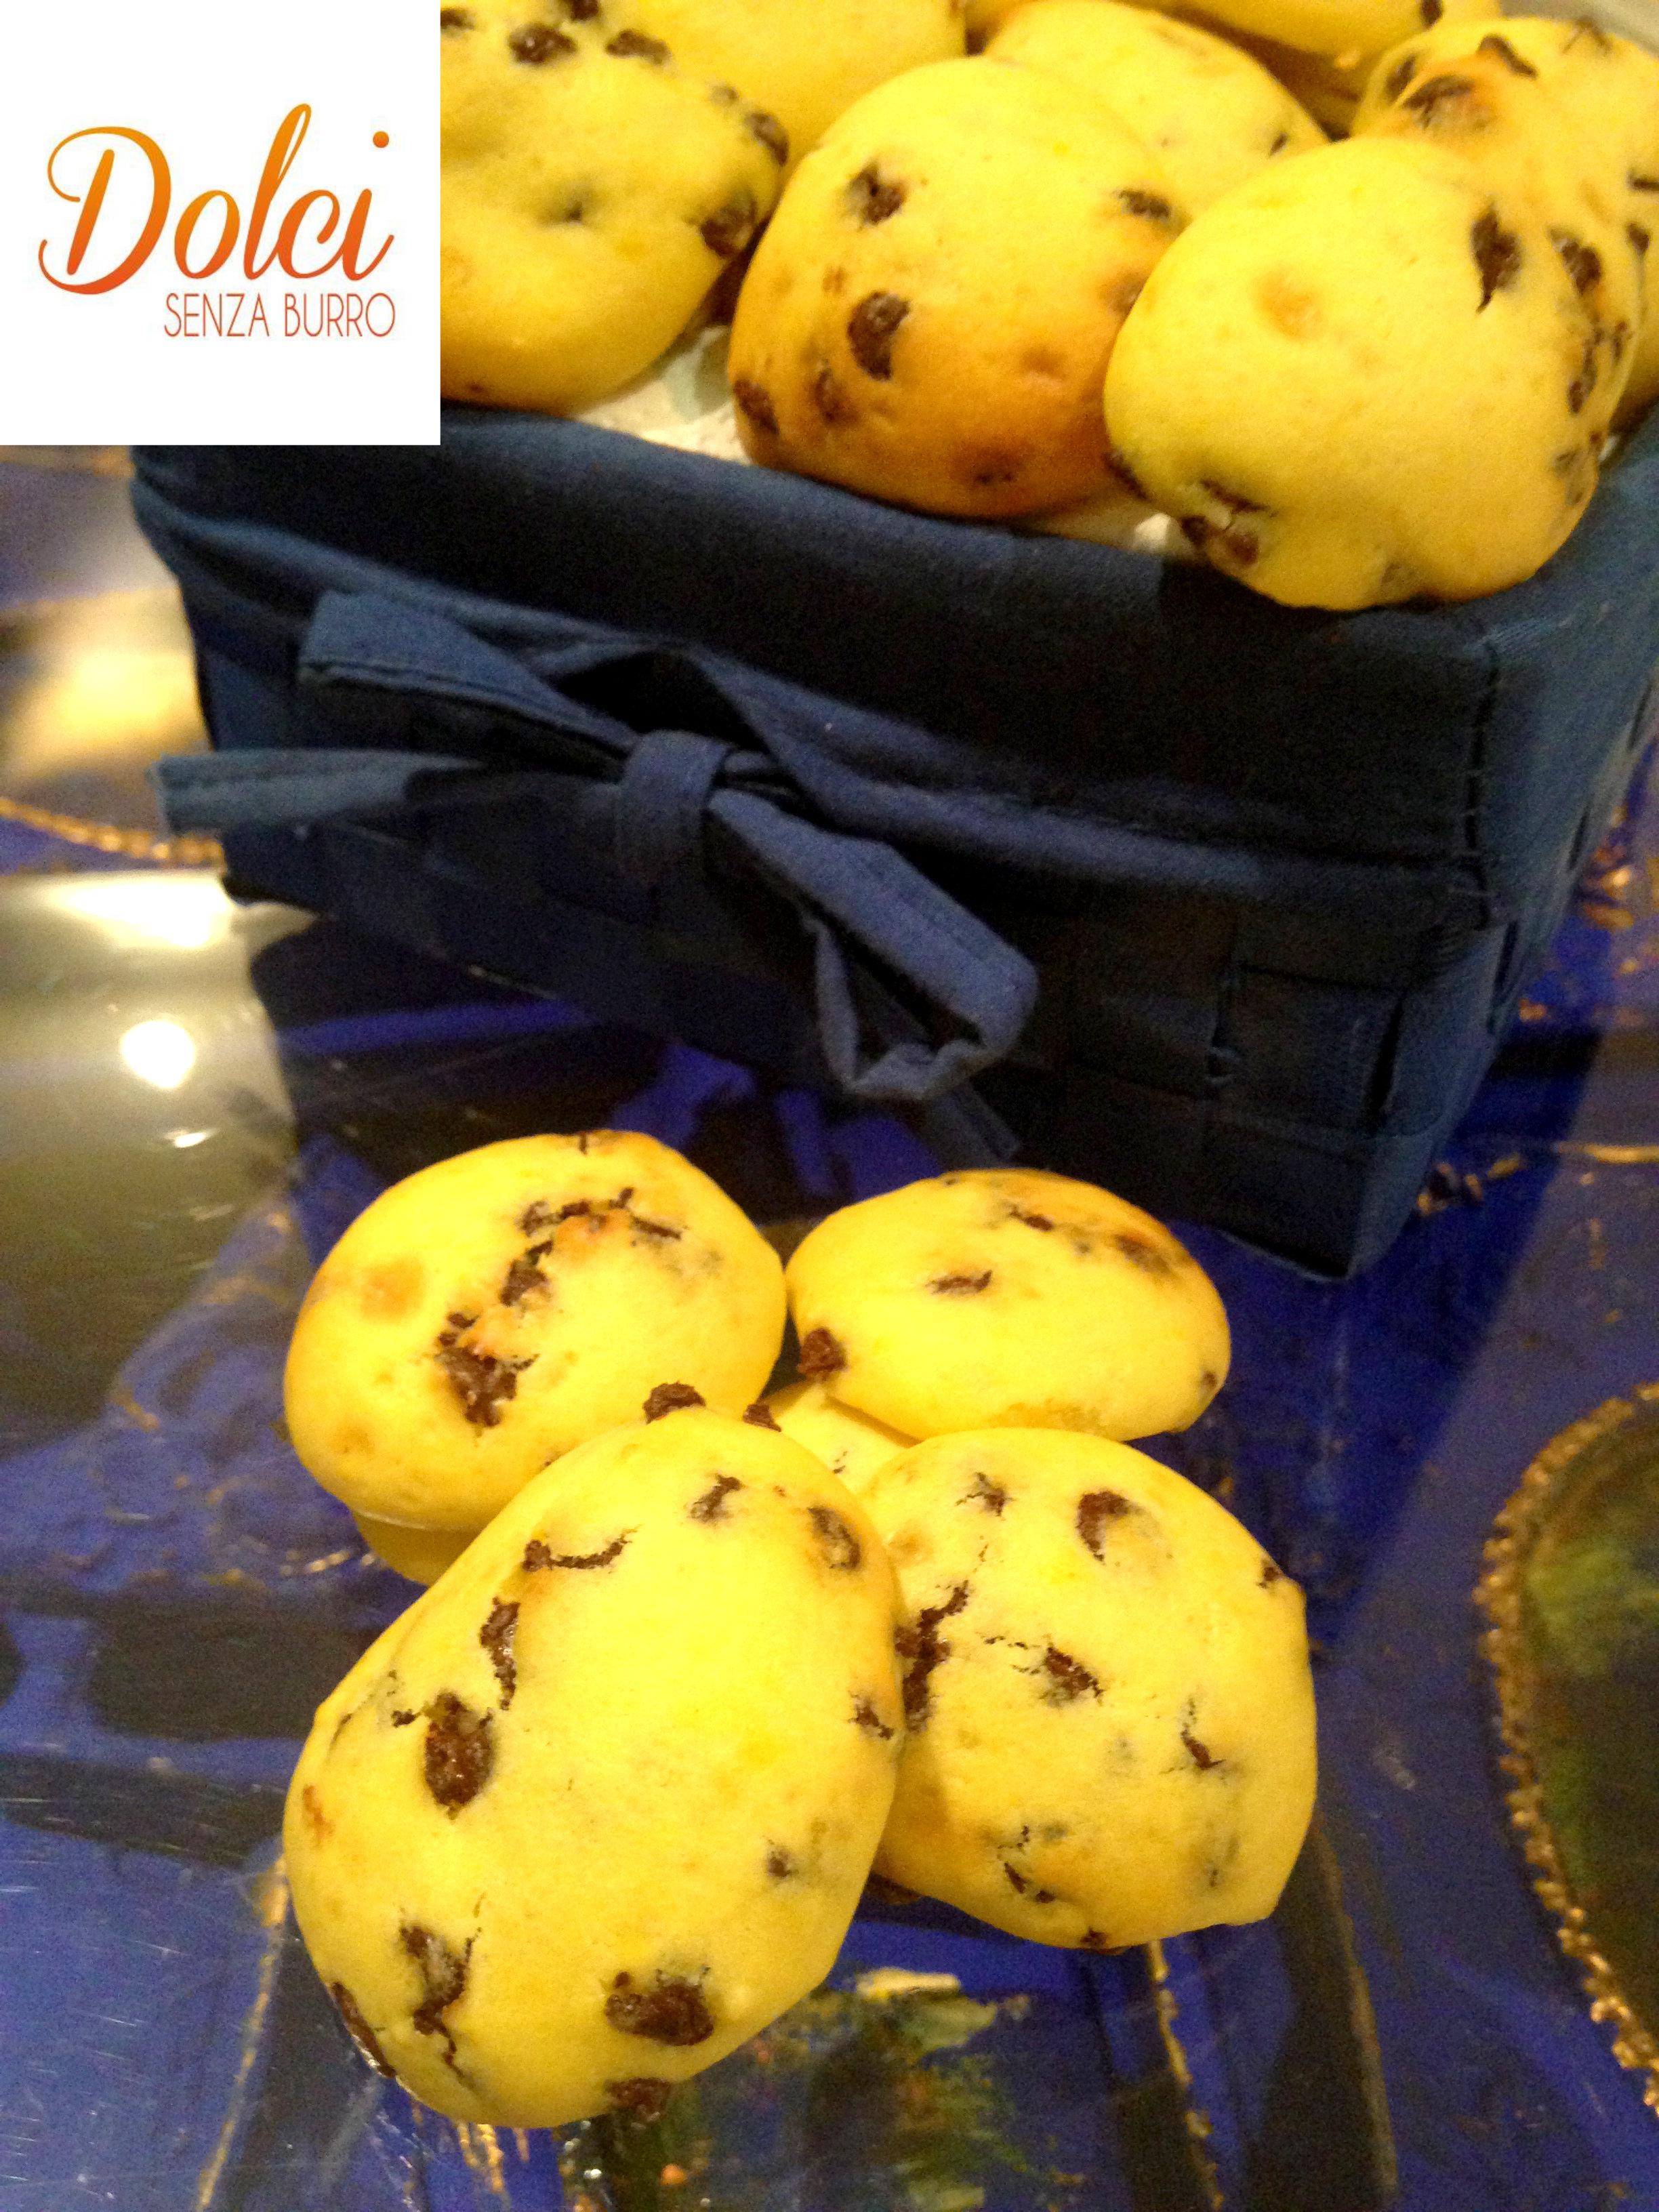 Biscotti Senza Burro alla Ricotta, il biscotto di dolci senza burro